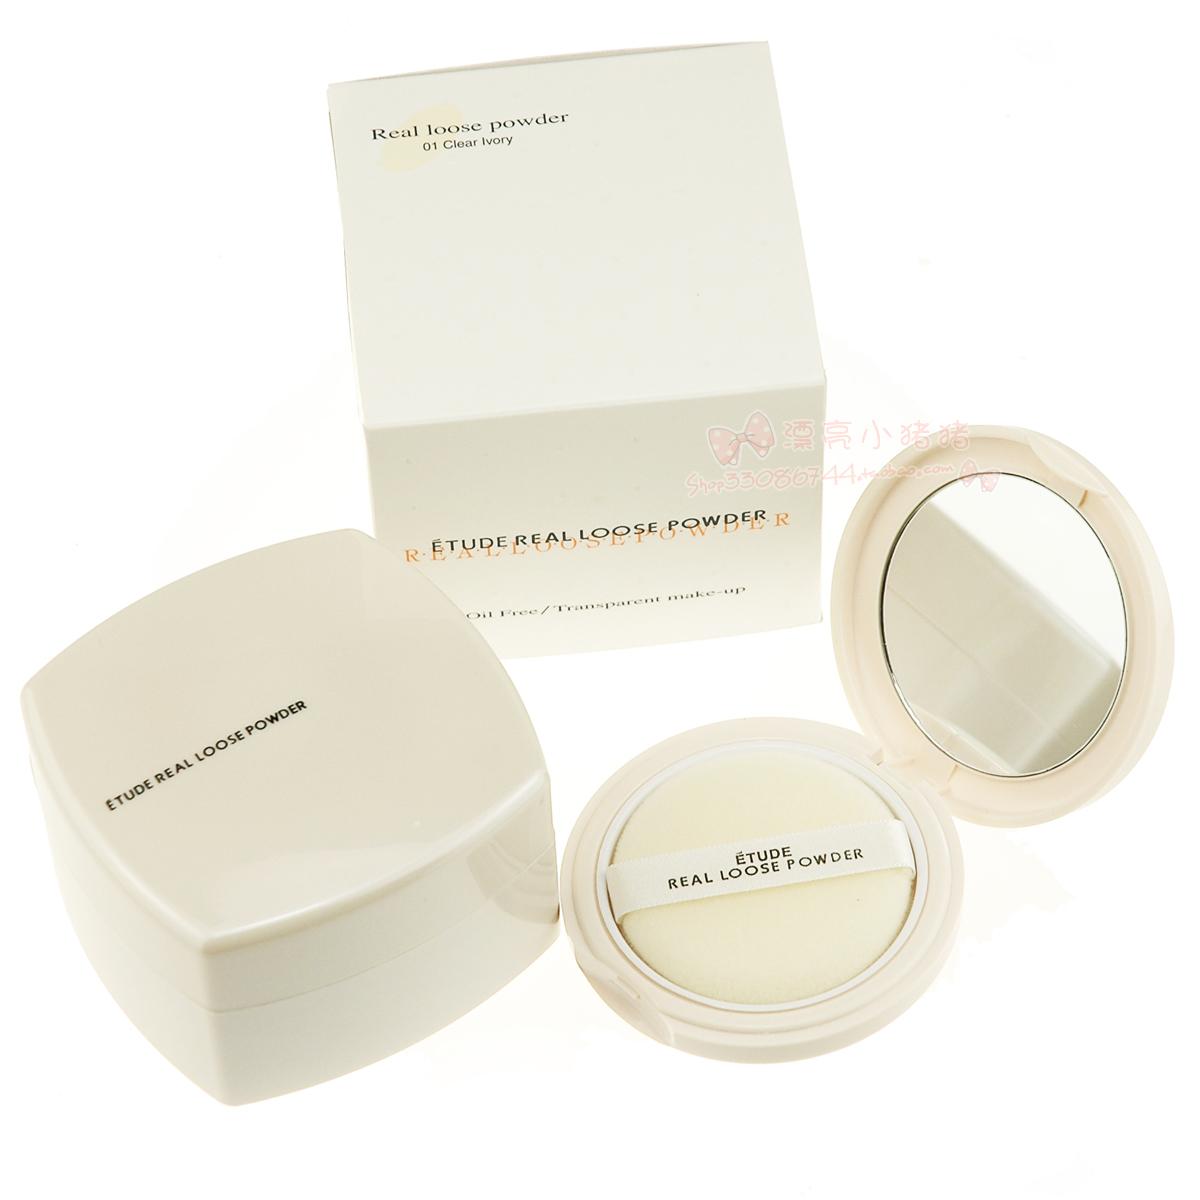 韩国彩妆专柜正品爱丽水晶散粉盒带粉扑 蜜粉定妆粉控油美白遮瑕